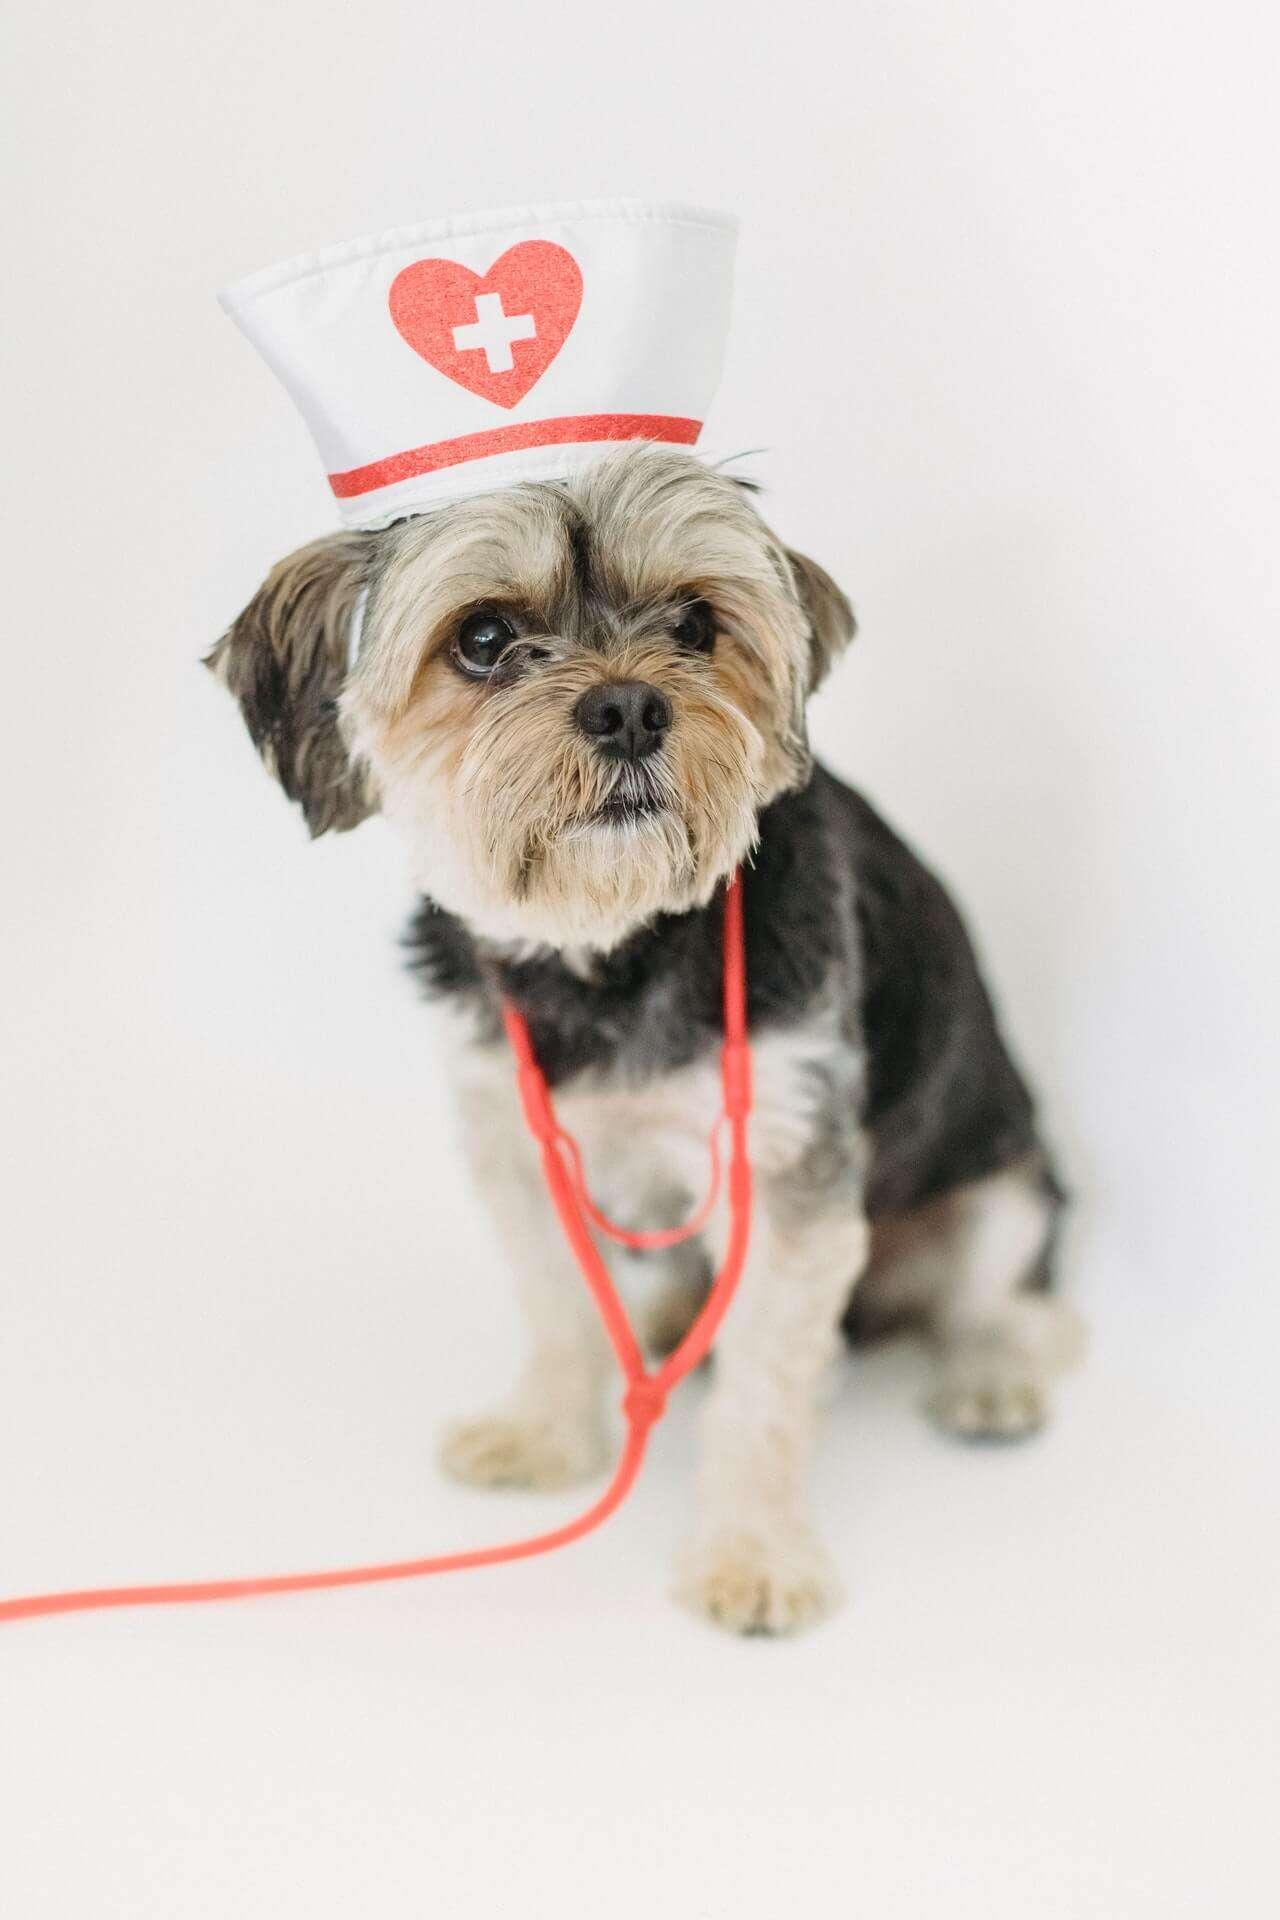 dog wearing nurse hat